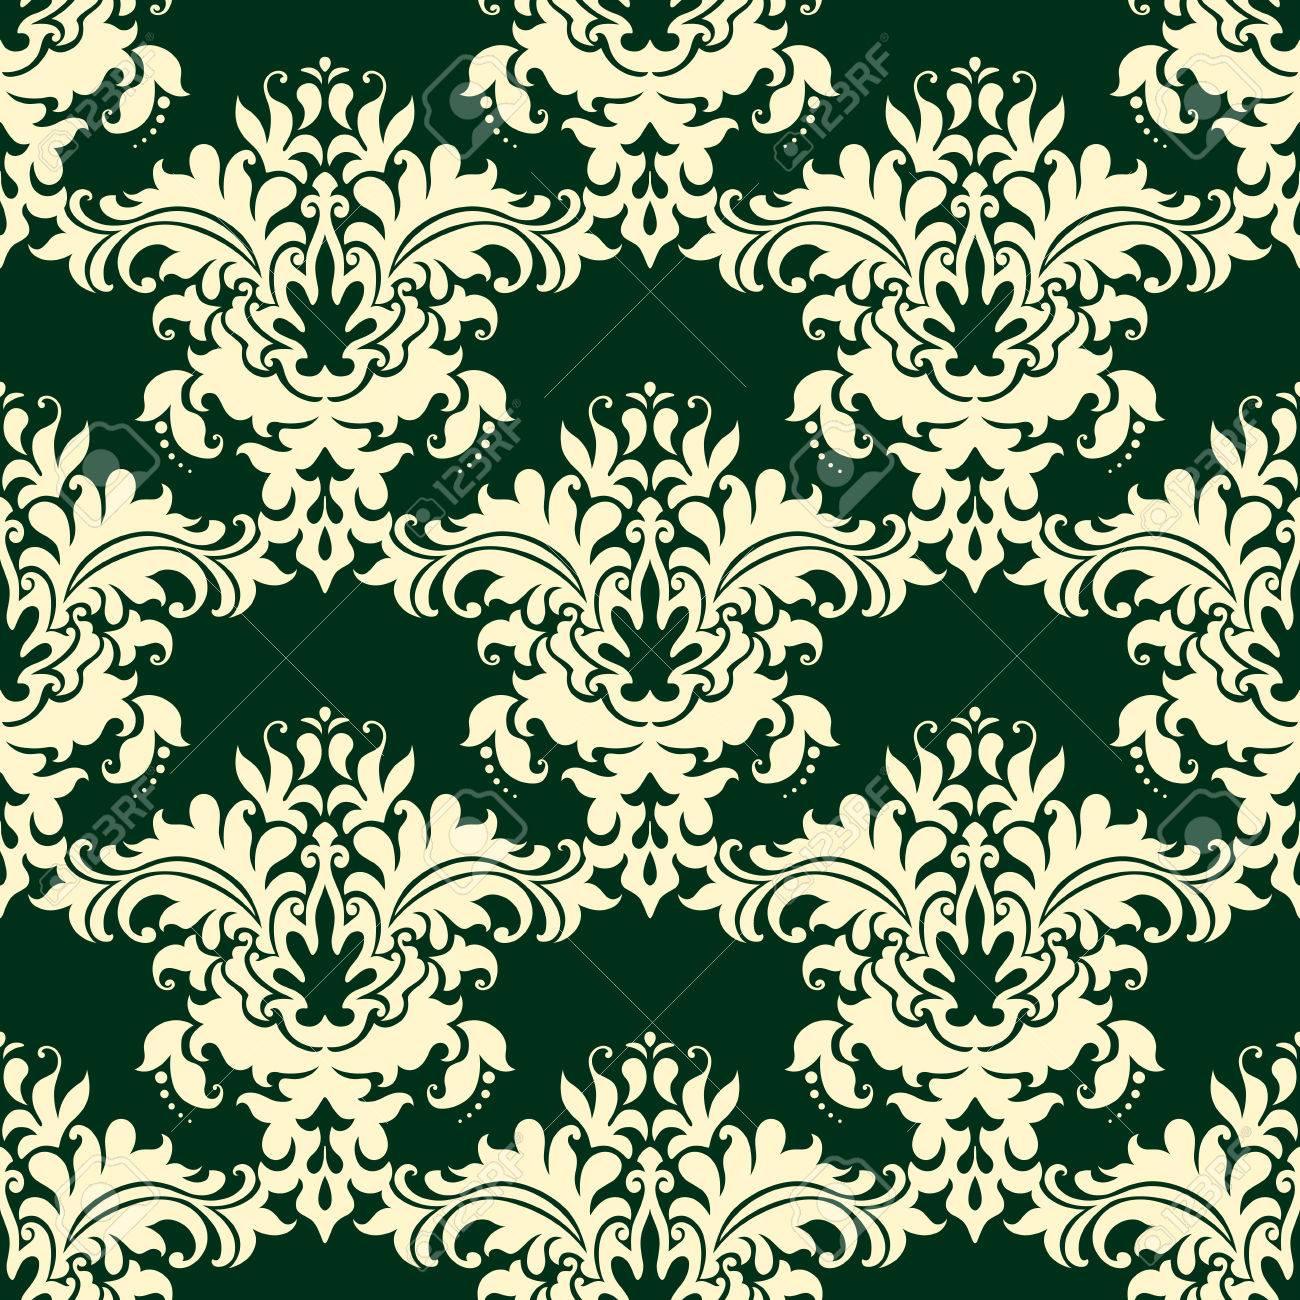 Fondo vintage verde oscuro